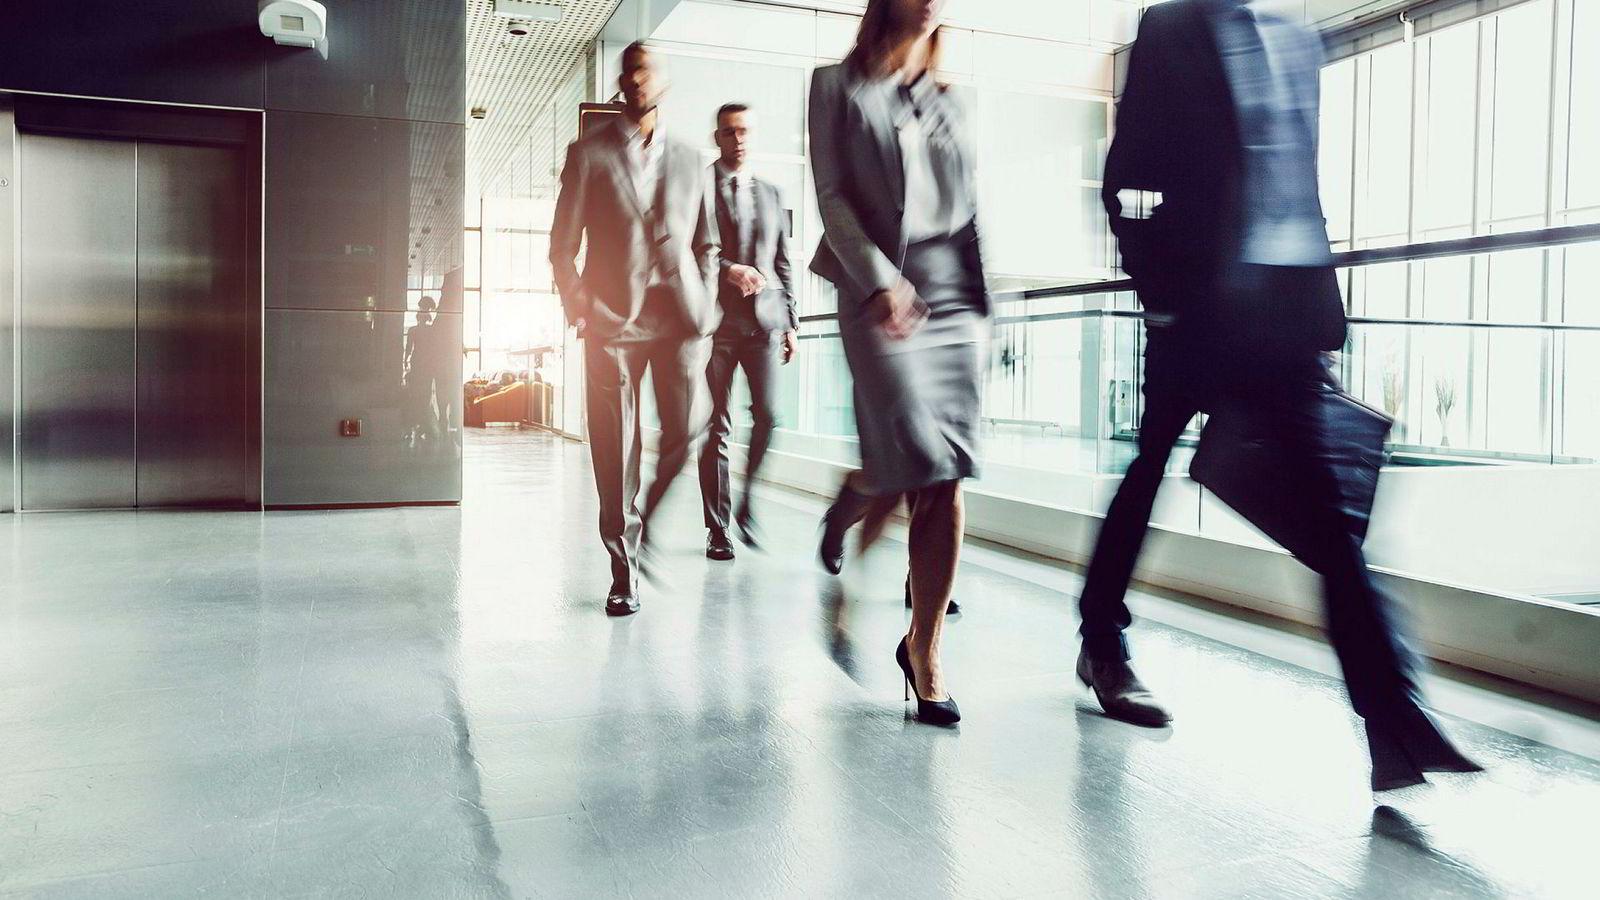 Likelønnsgapet illustrerer det kjønnsdelte arbeidsmarkedet, deltidskulturen i mange bransjer og utfordringene med å få kvinner inn i ledelse, skriver innleggsforfatteren.